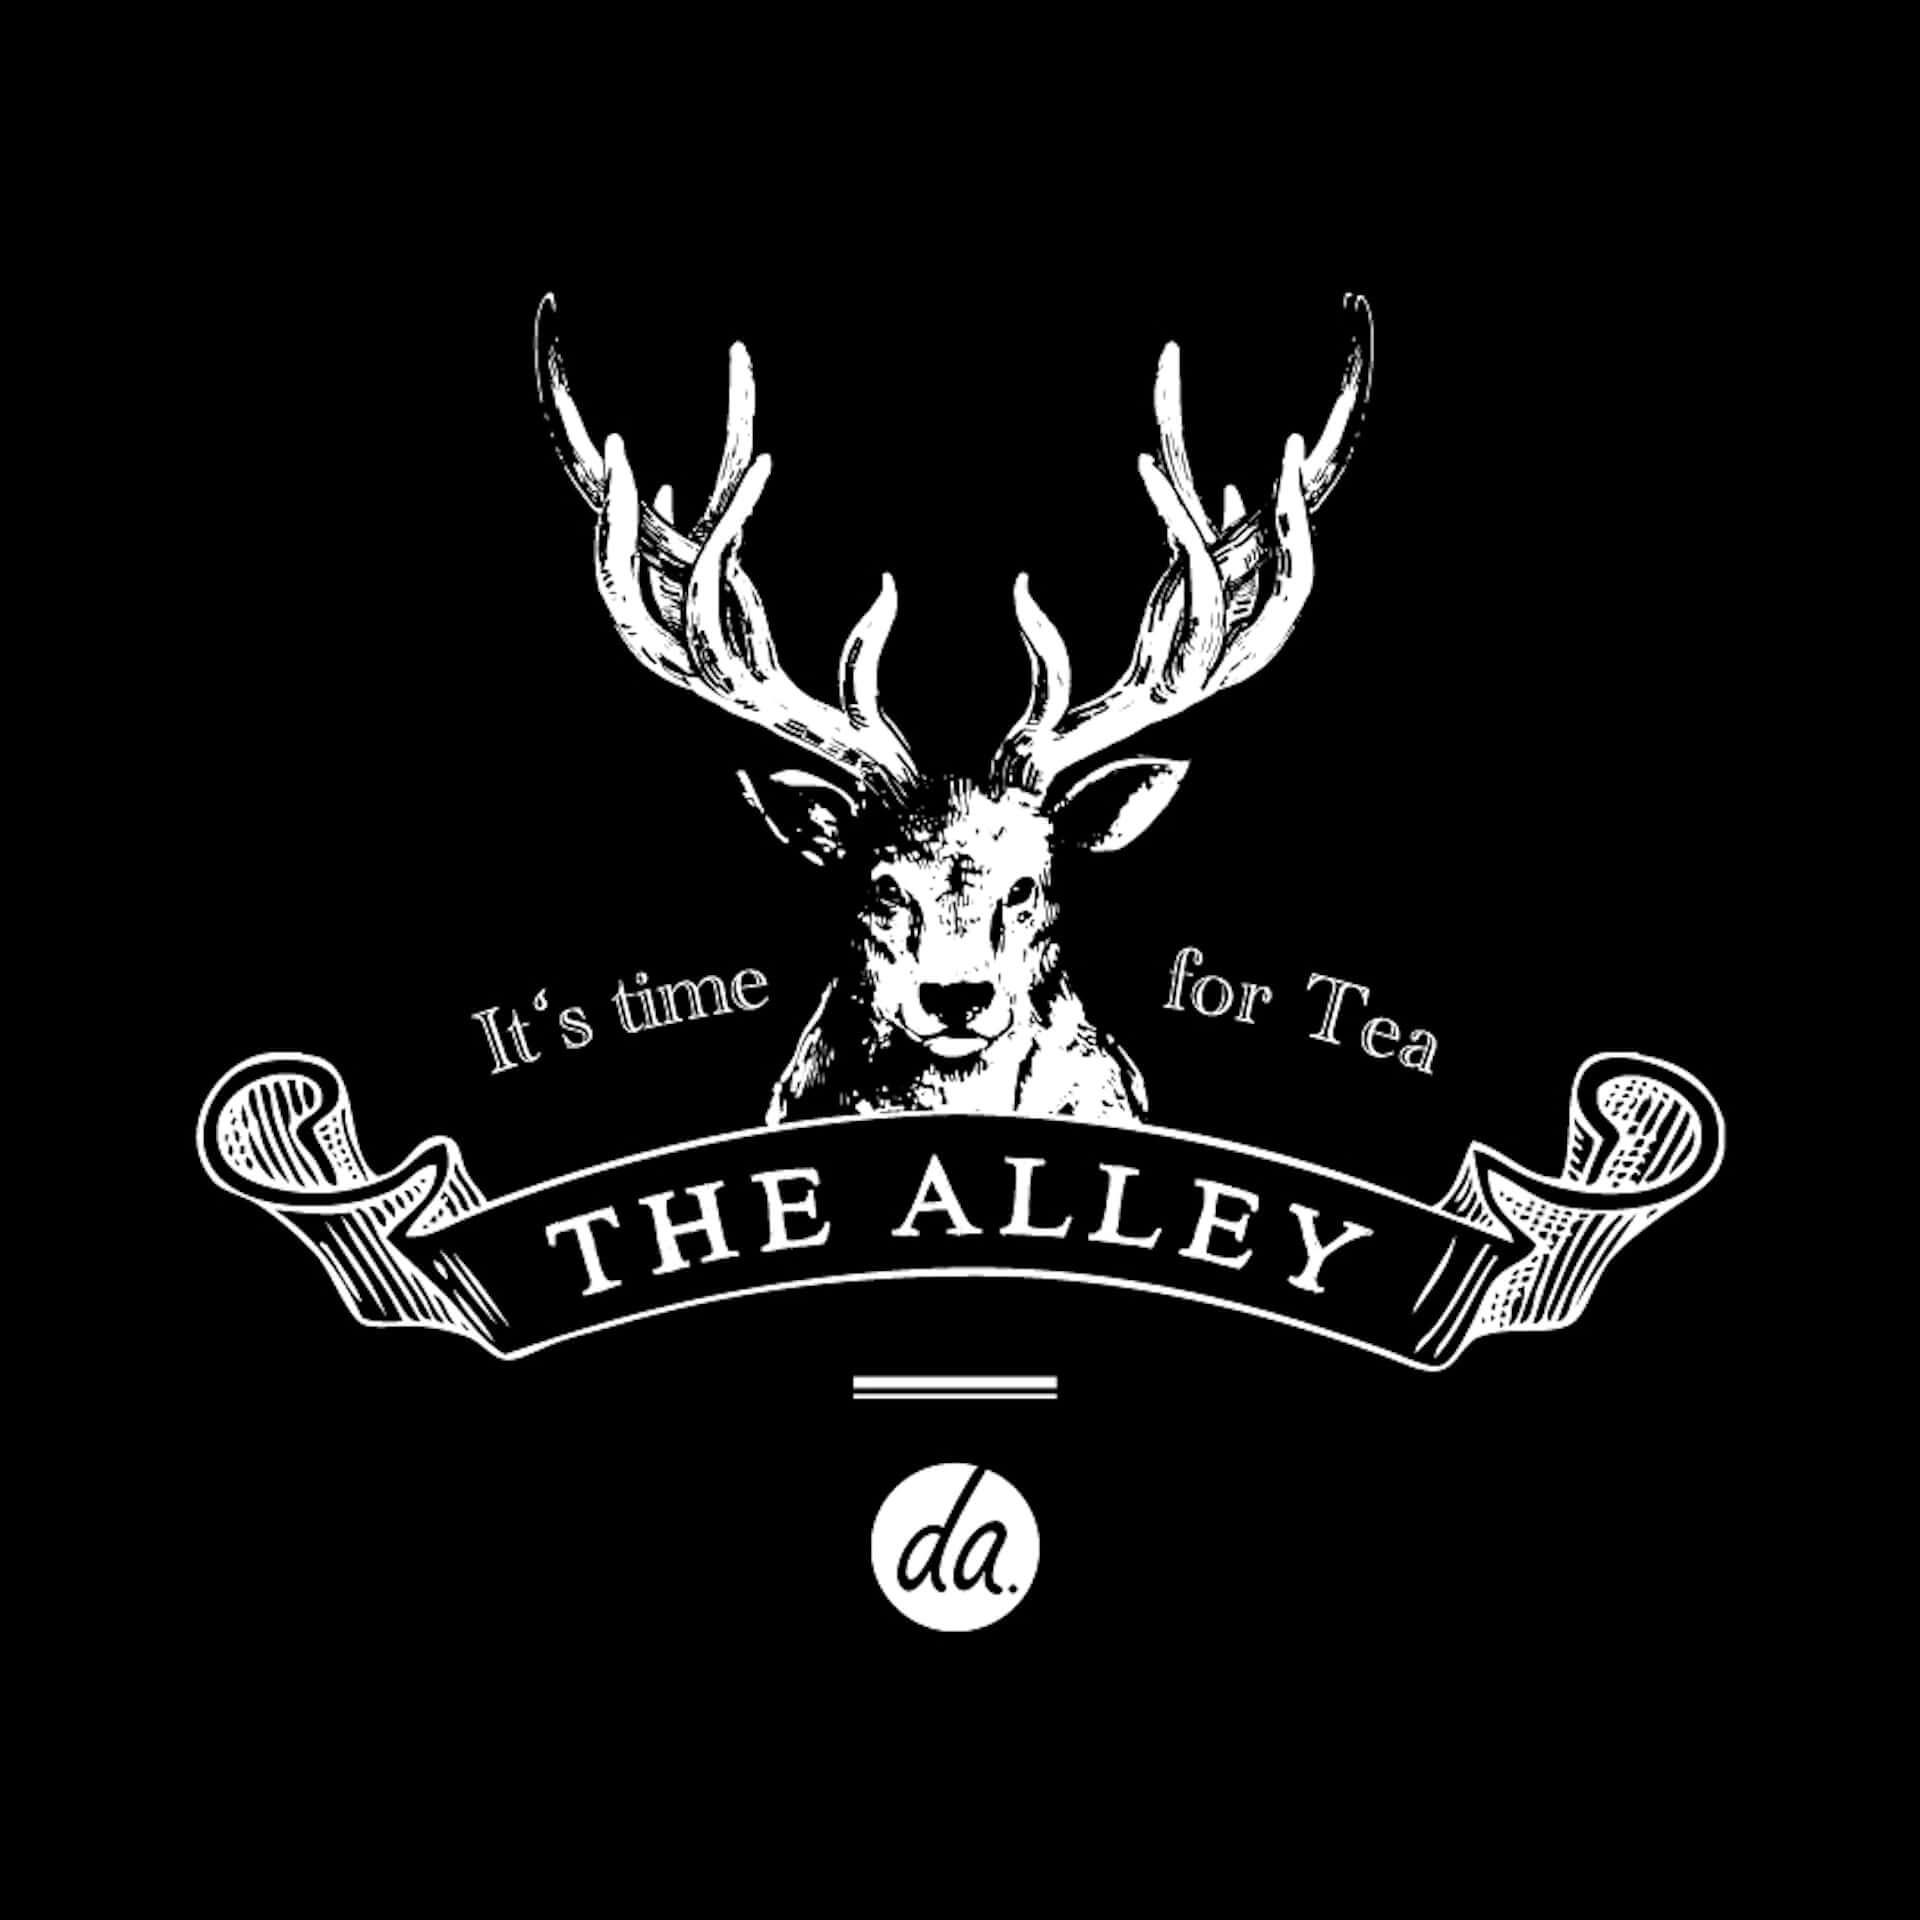 バレンタイン限定ドリンクの『ショコラキャラメルミルクティー』がTHE ALLEYで発売決定!ほっとするショコラティー仕立て gourmet210107_the-alley_2-1920x1920